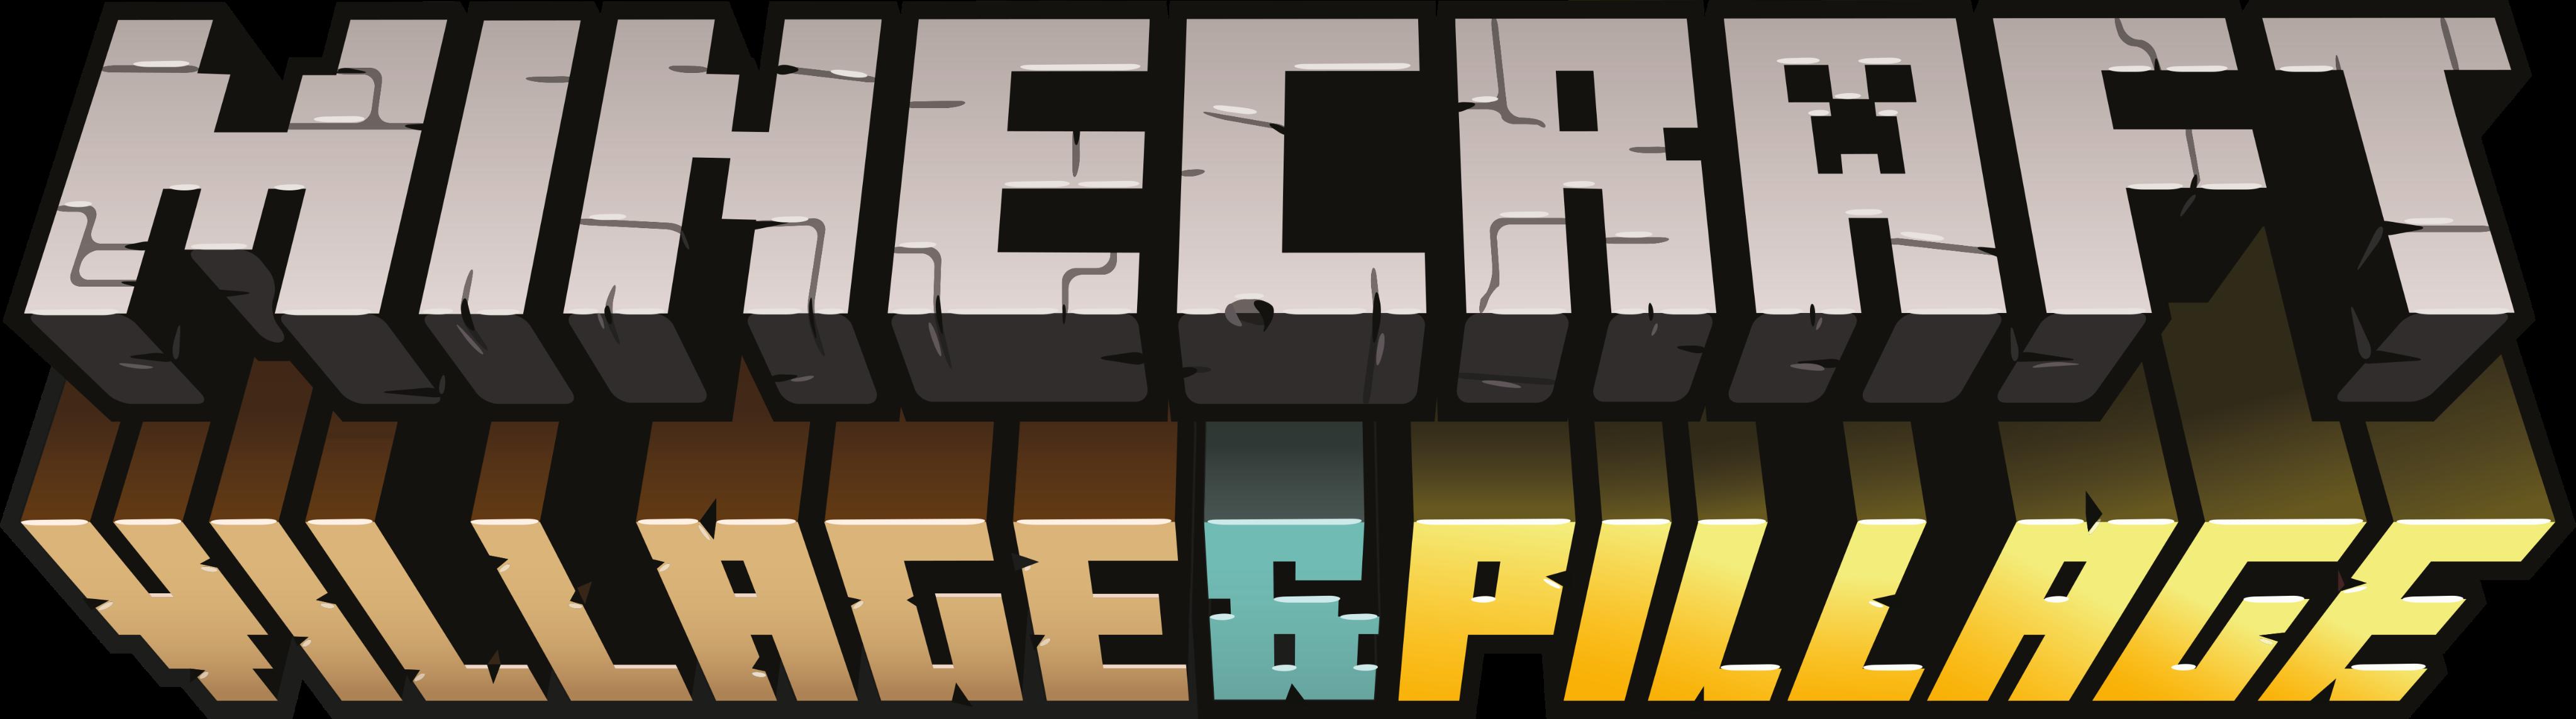 1 14 Village And Pillage Minecraft Wiki Fandom